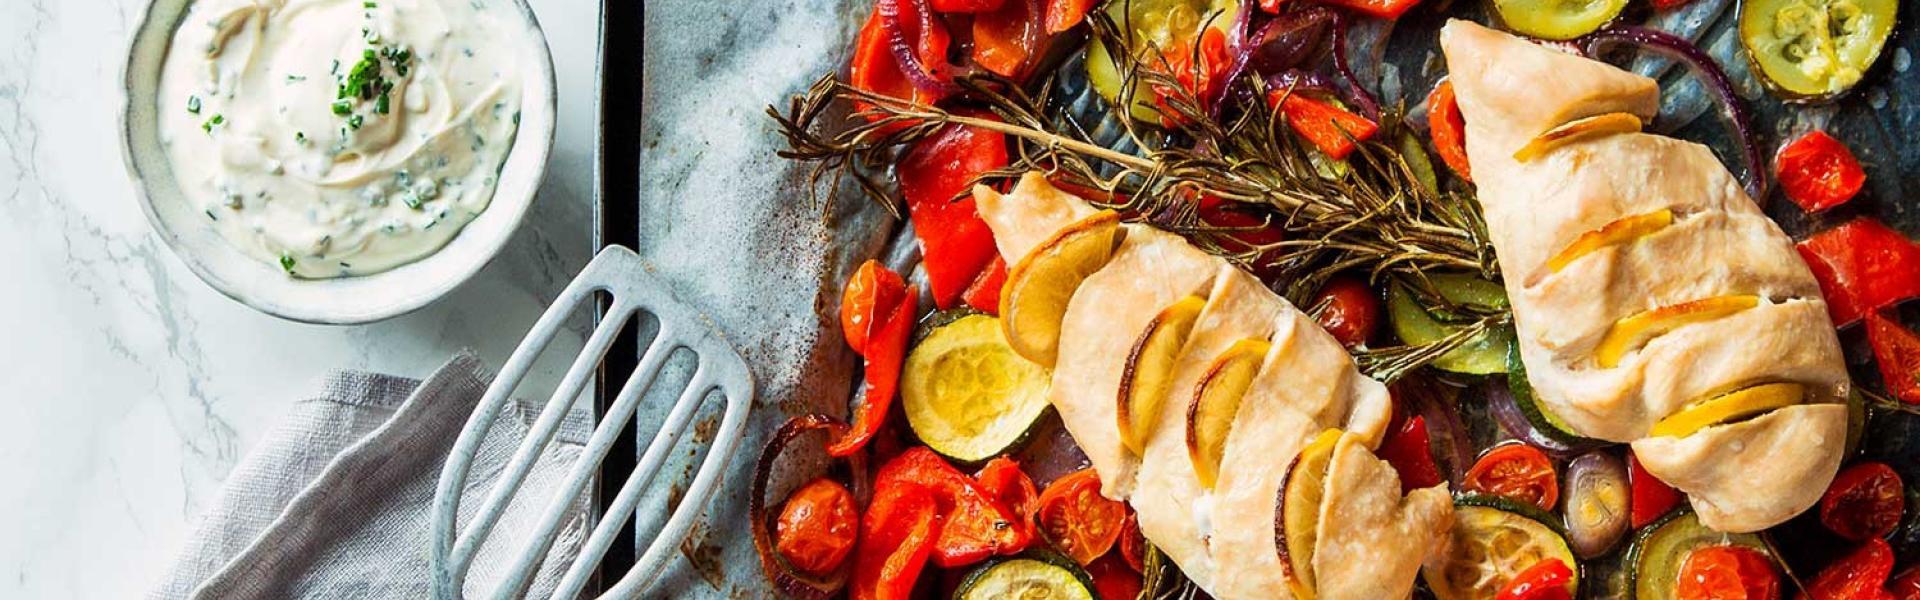 Backblech mit Gemüse und darauf Hähnchen aus dem Ofen.